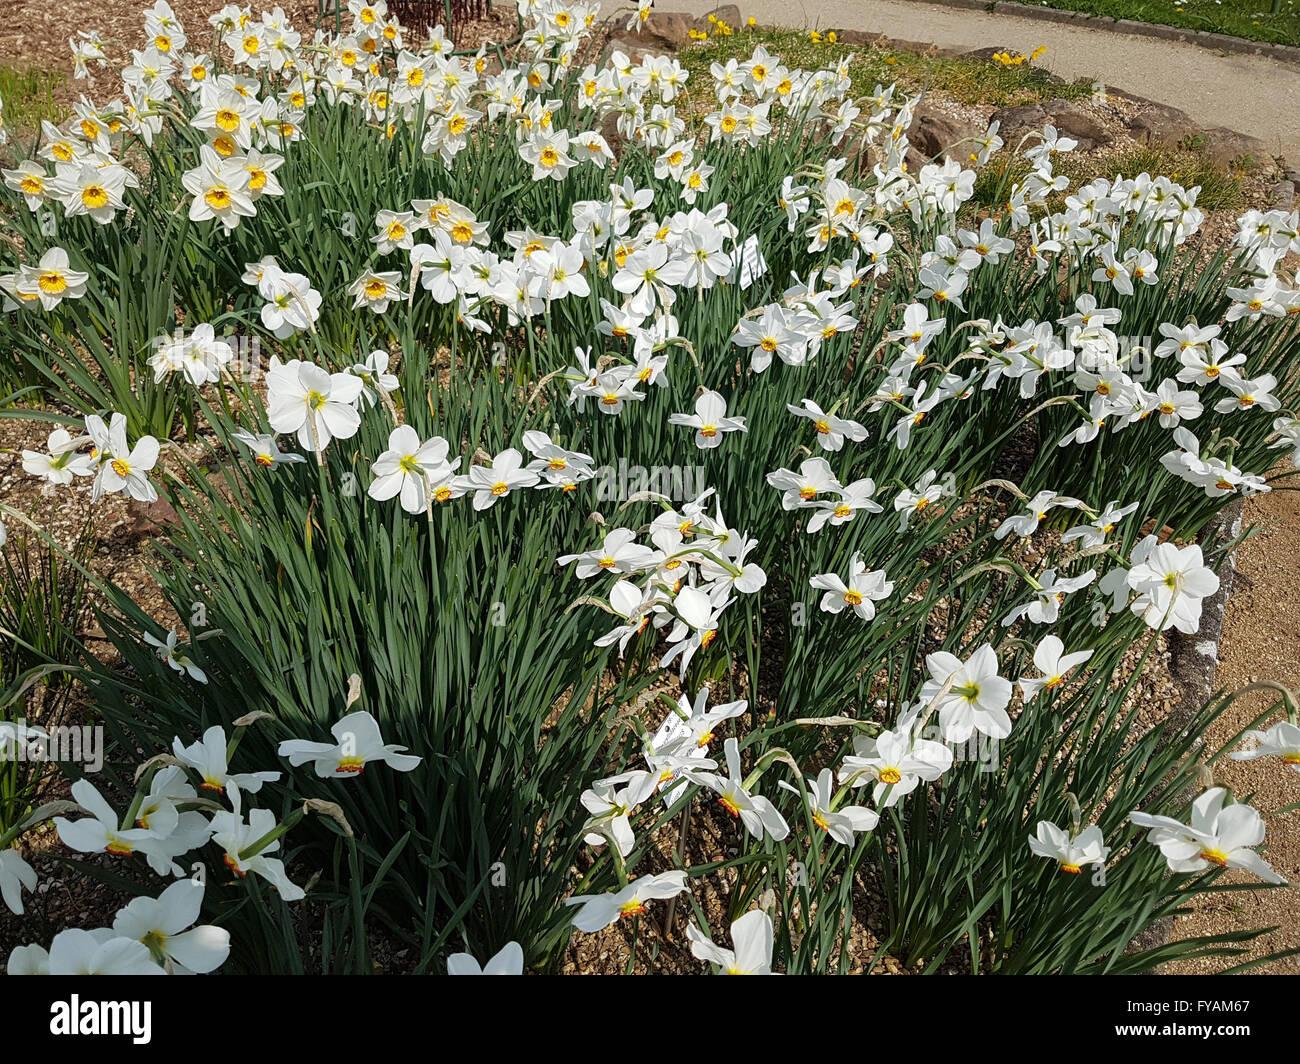 Ist eine Heilpflanze und Arzneipflanze, Wildpflanze, Bume und Duftblume Stock Photo